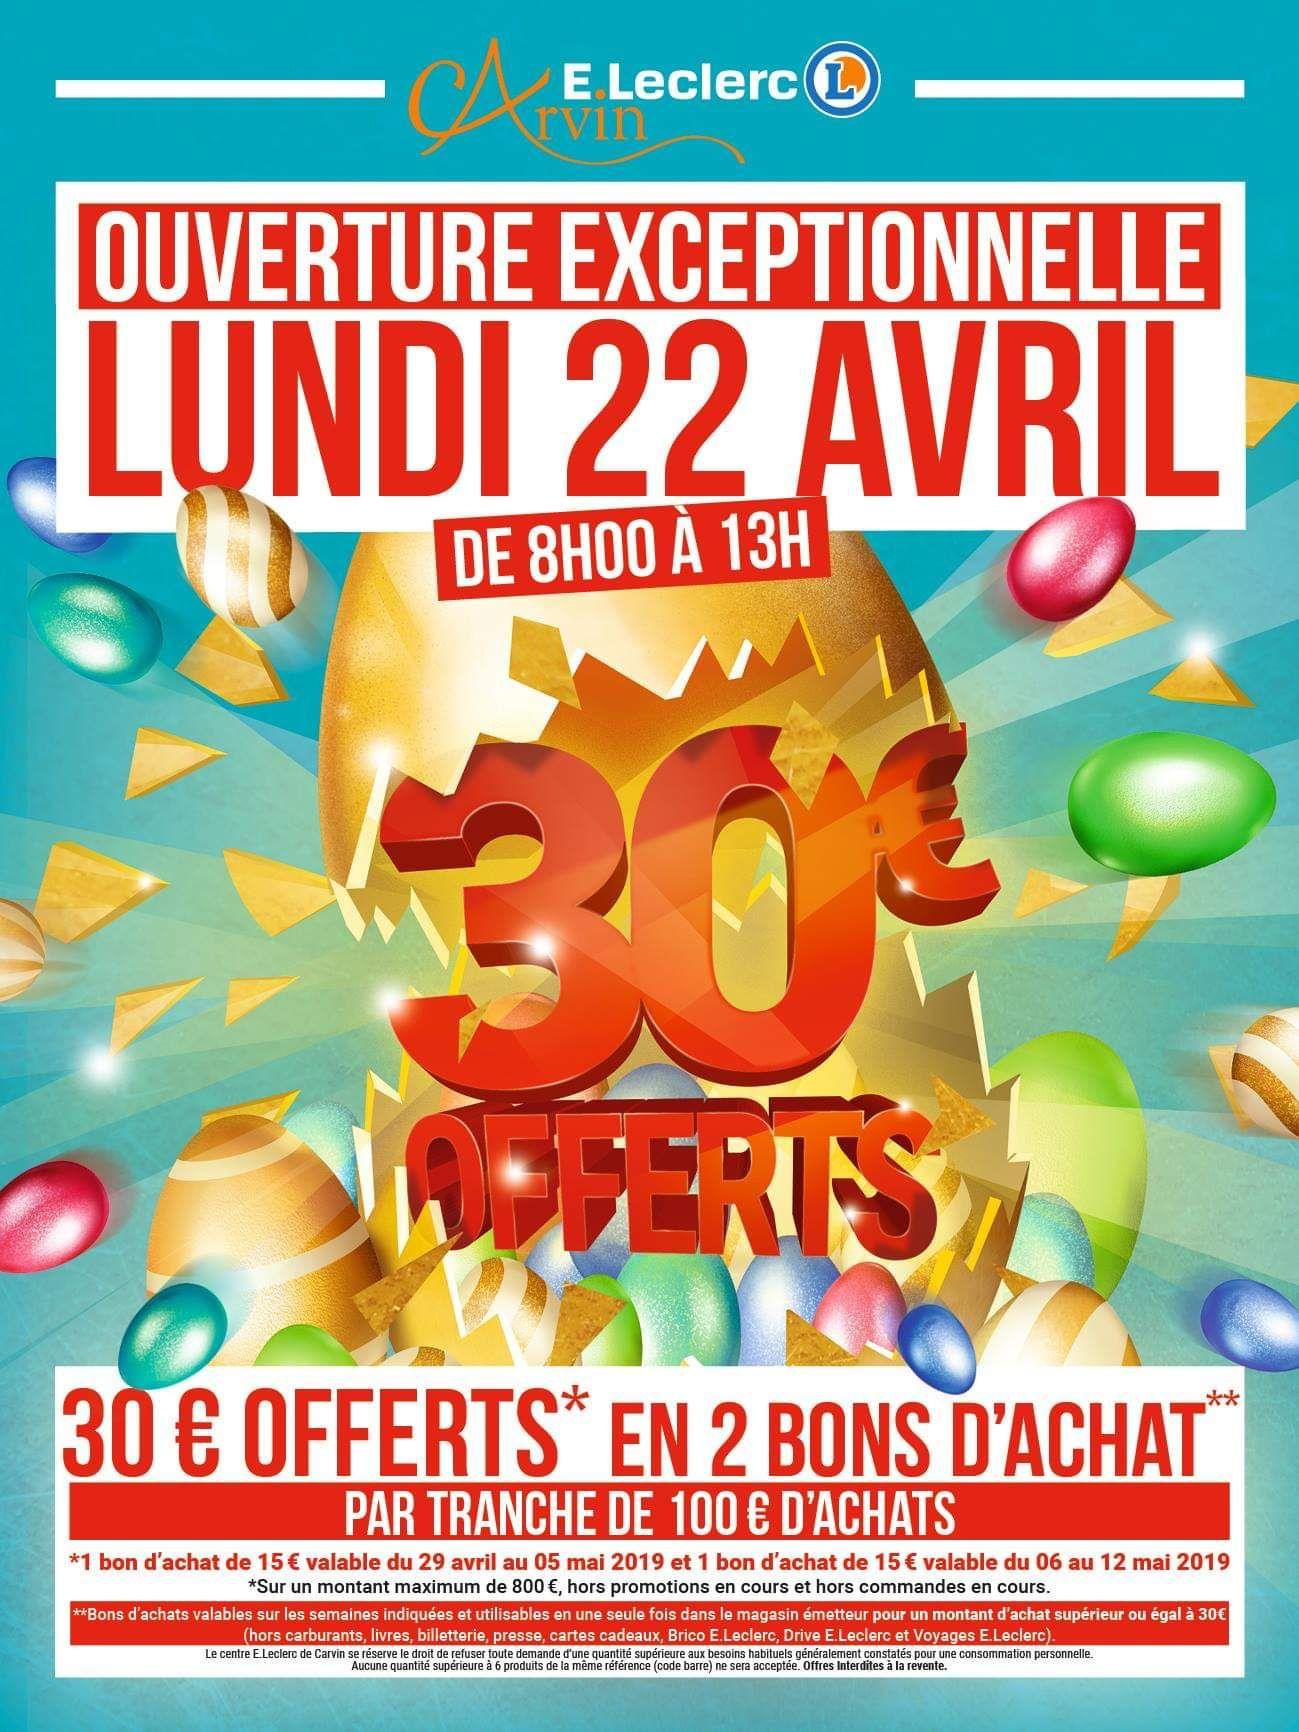 30€ offerts en 2 bons d'achat tous les 100€ d'achats (dans la limite de 800€ d'achats) -  E.Leclerc de Carvin (62)